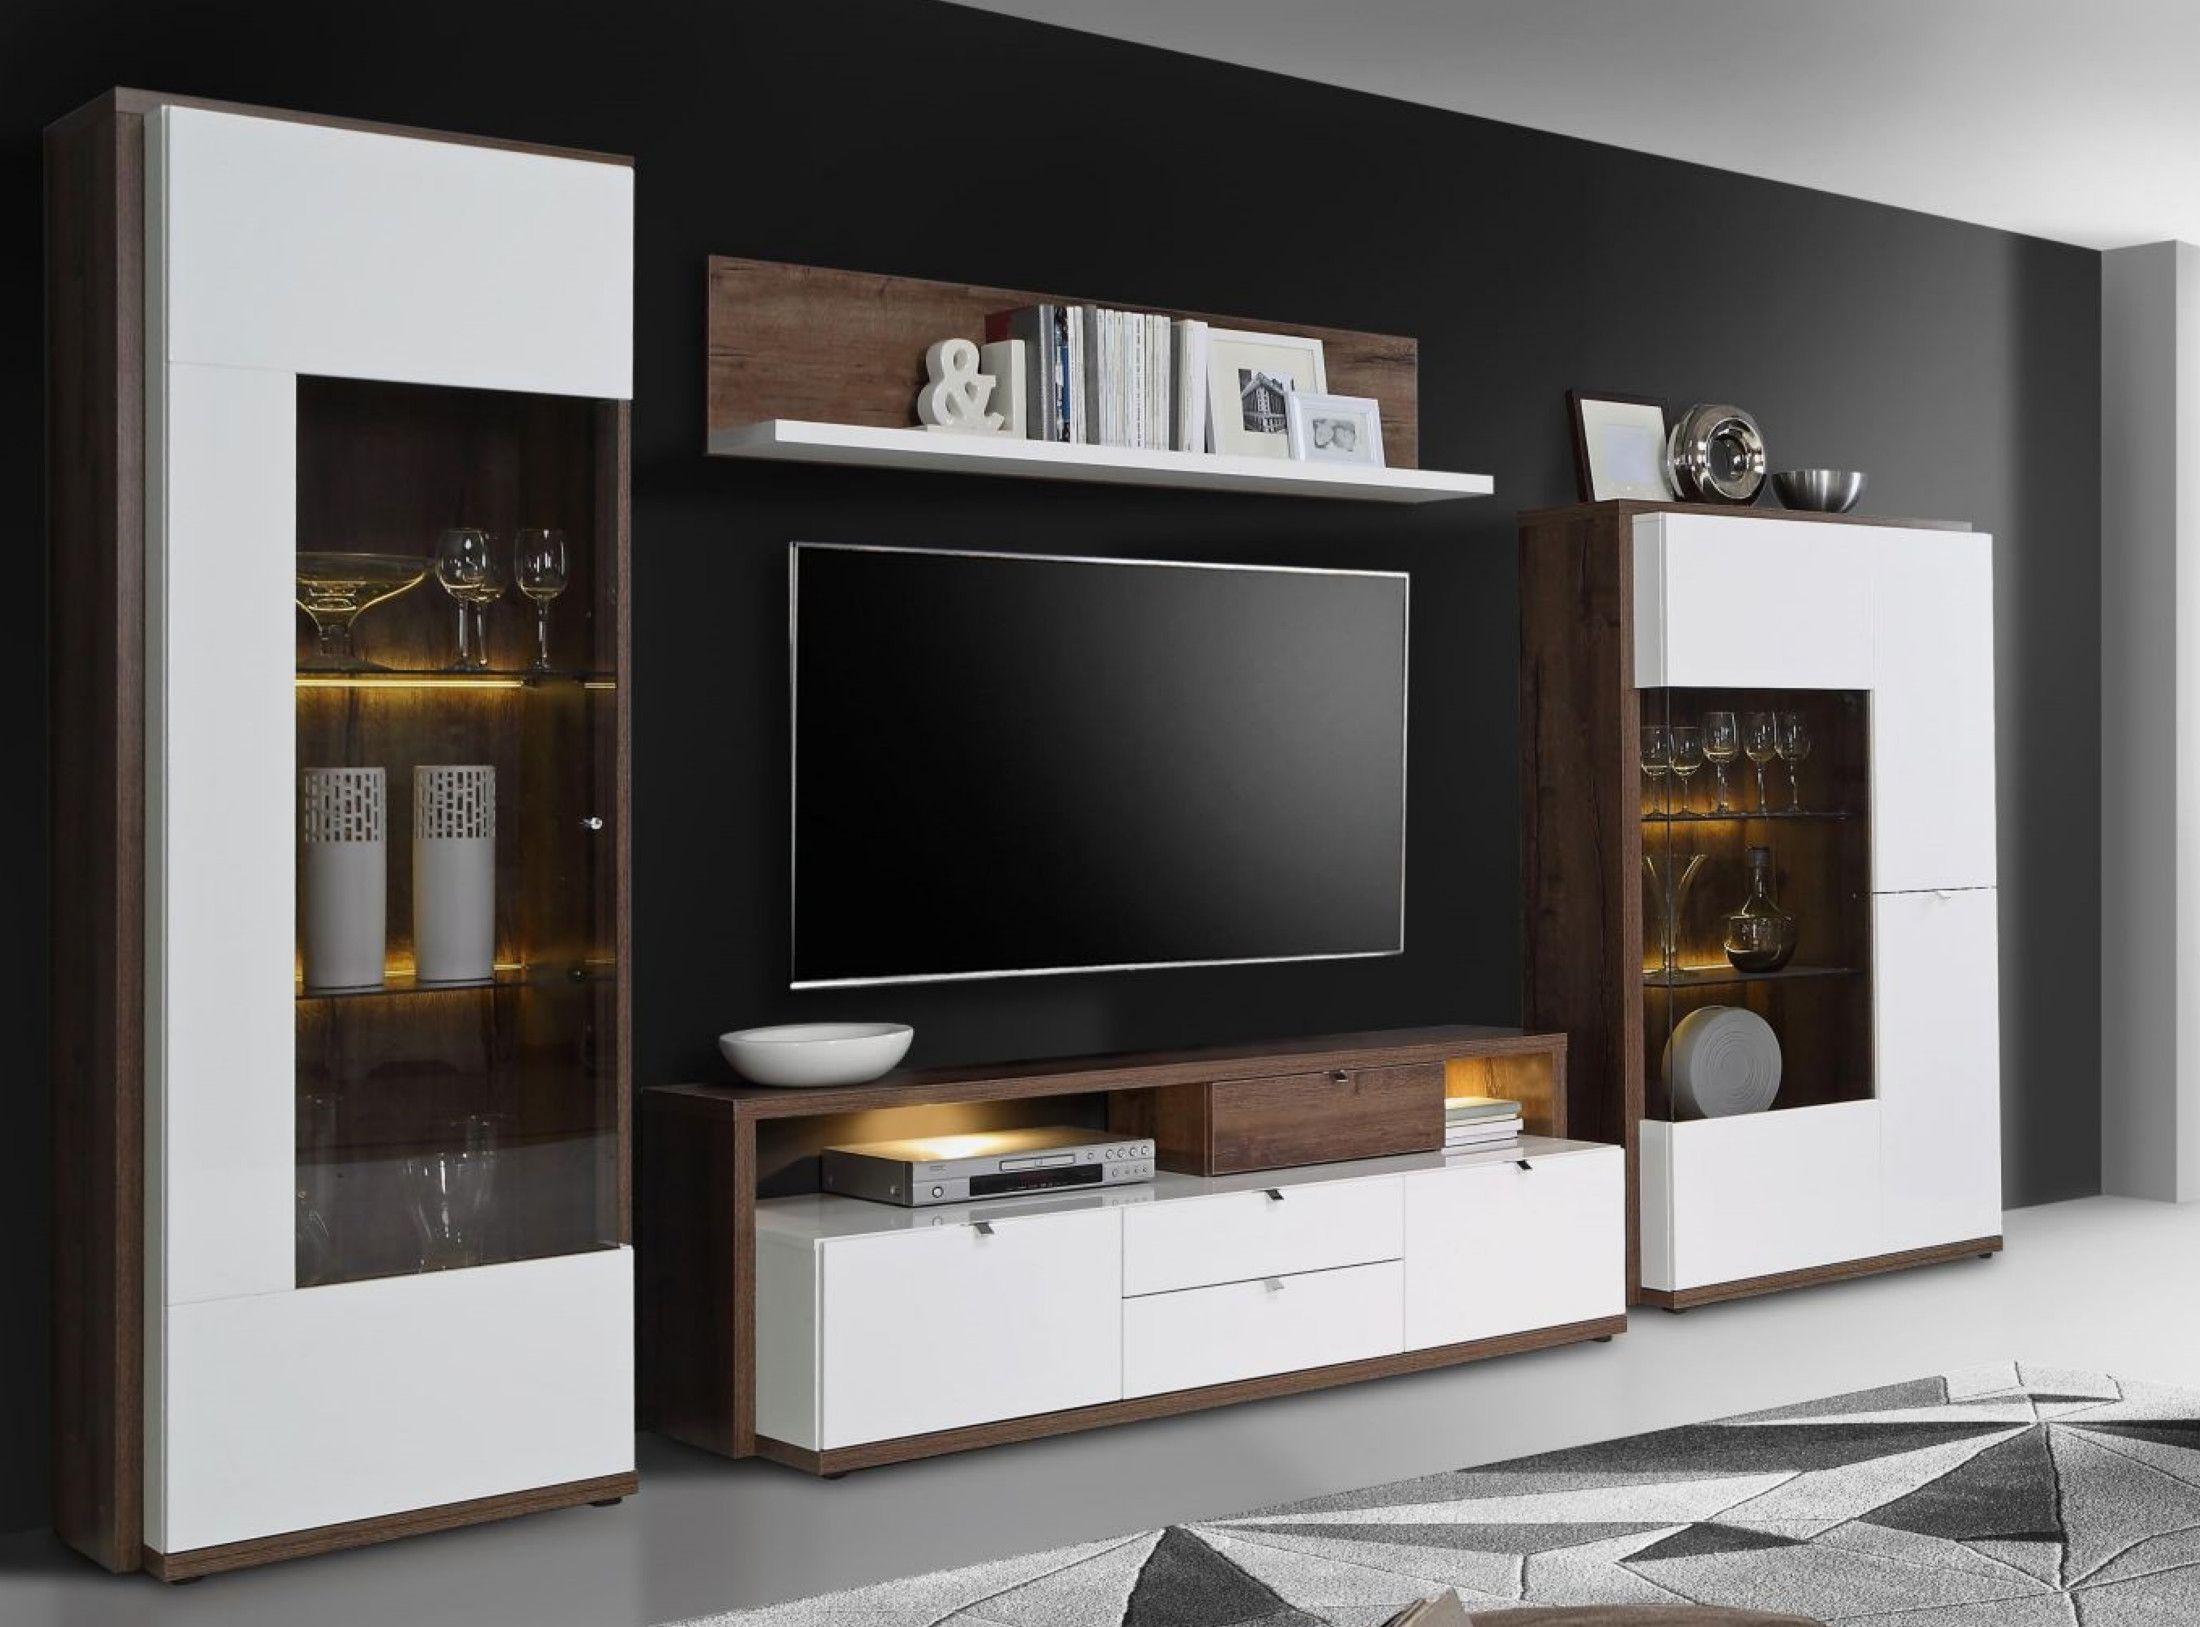 Wohnwand Weiss Hochglanz Und Schlammeiche Woody 77 00772 Holz Modern Jetzt  Bestellen Unter: Https